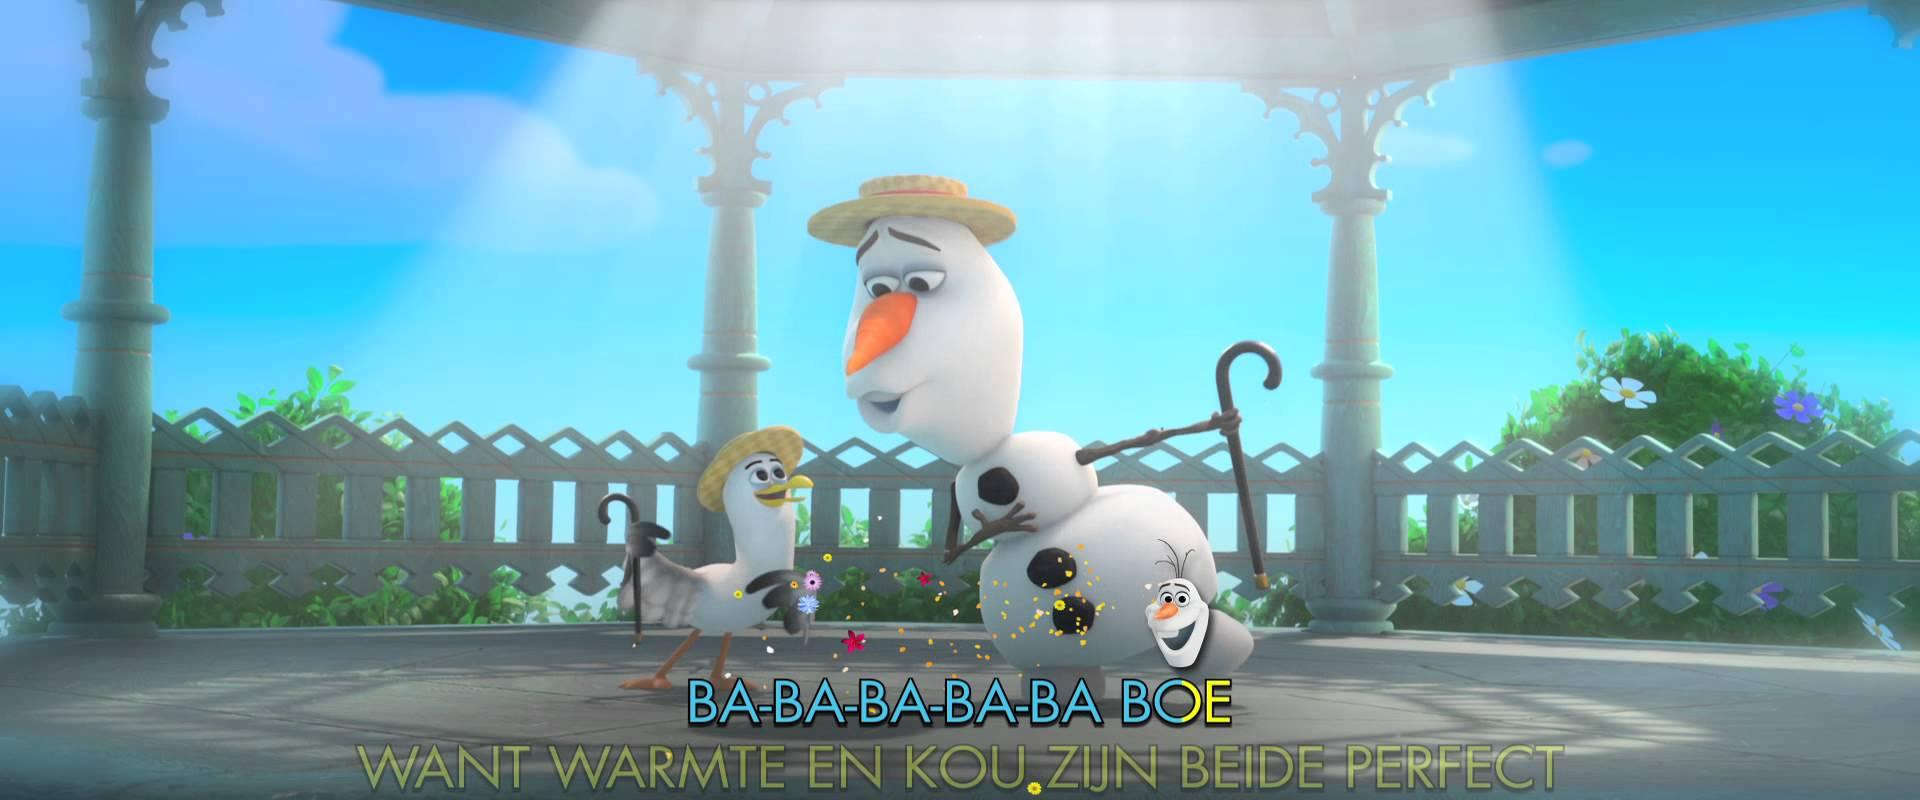 Frozen 'De Zomer' song van Olaf 6